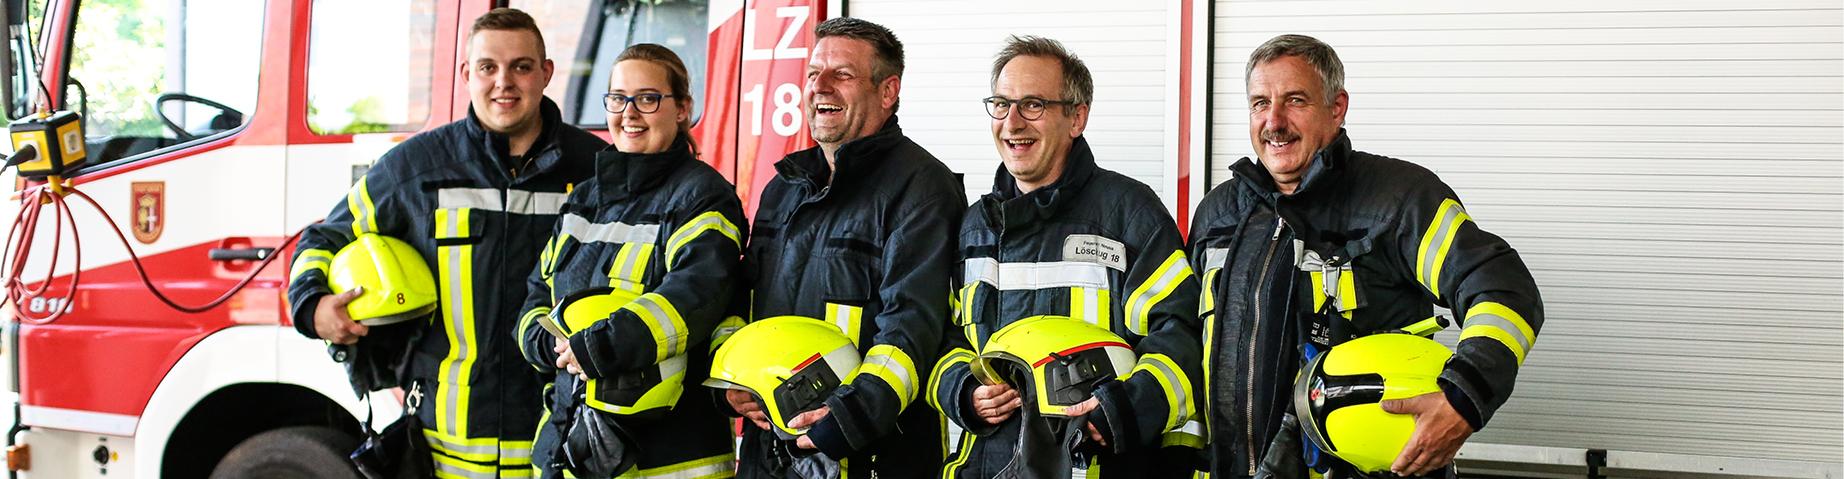 Eine Truppe der Freiwilligen Feuerwehr.